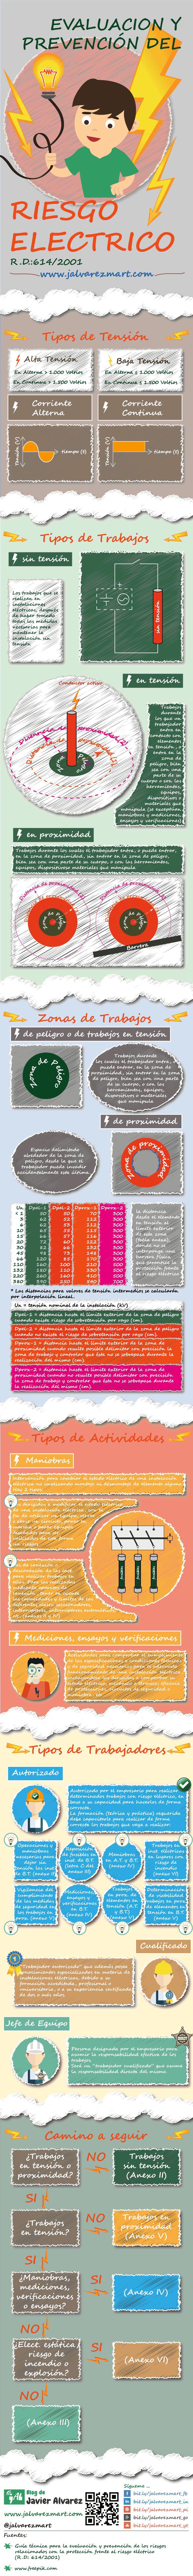 Infografia prevencion riesgos laborales: ¿Sabes como la Guía del R.D.: 614/01 nos ayuda en la gestión del Riesgo Eléctrico?